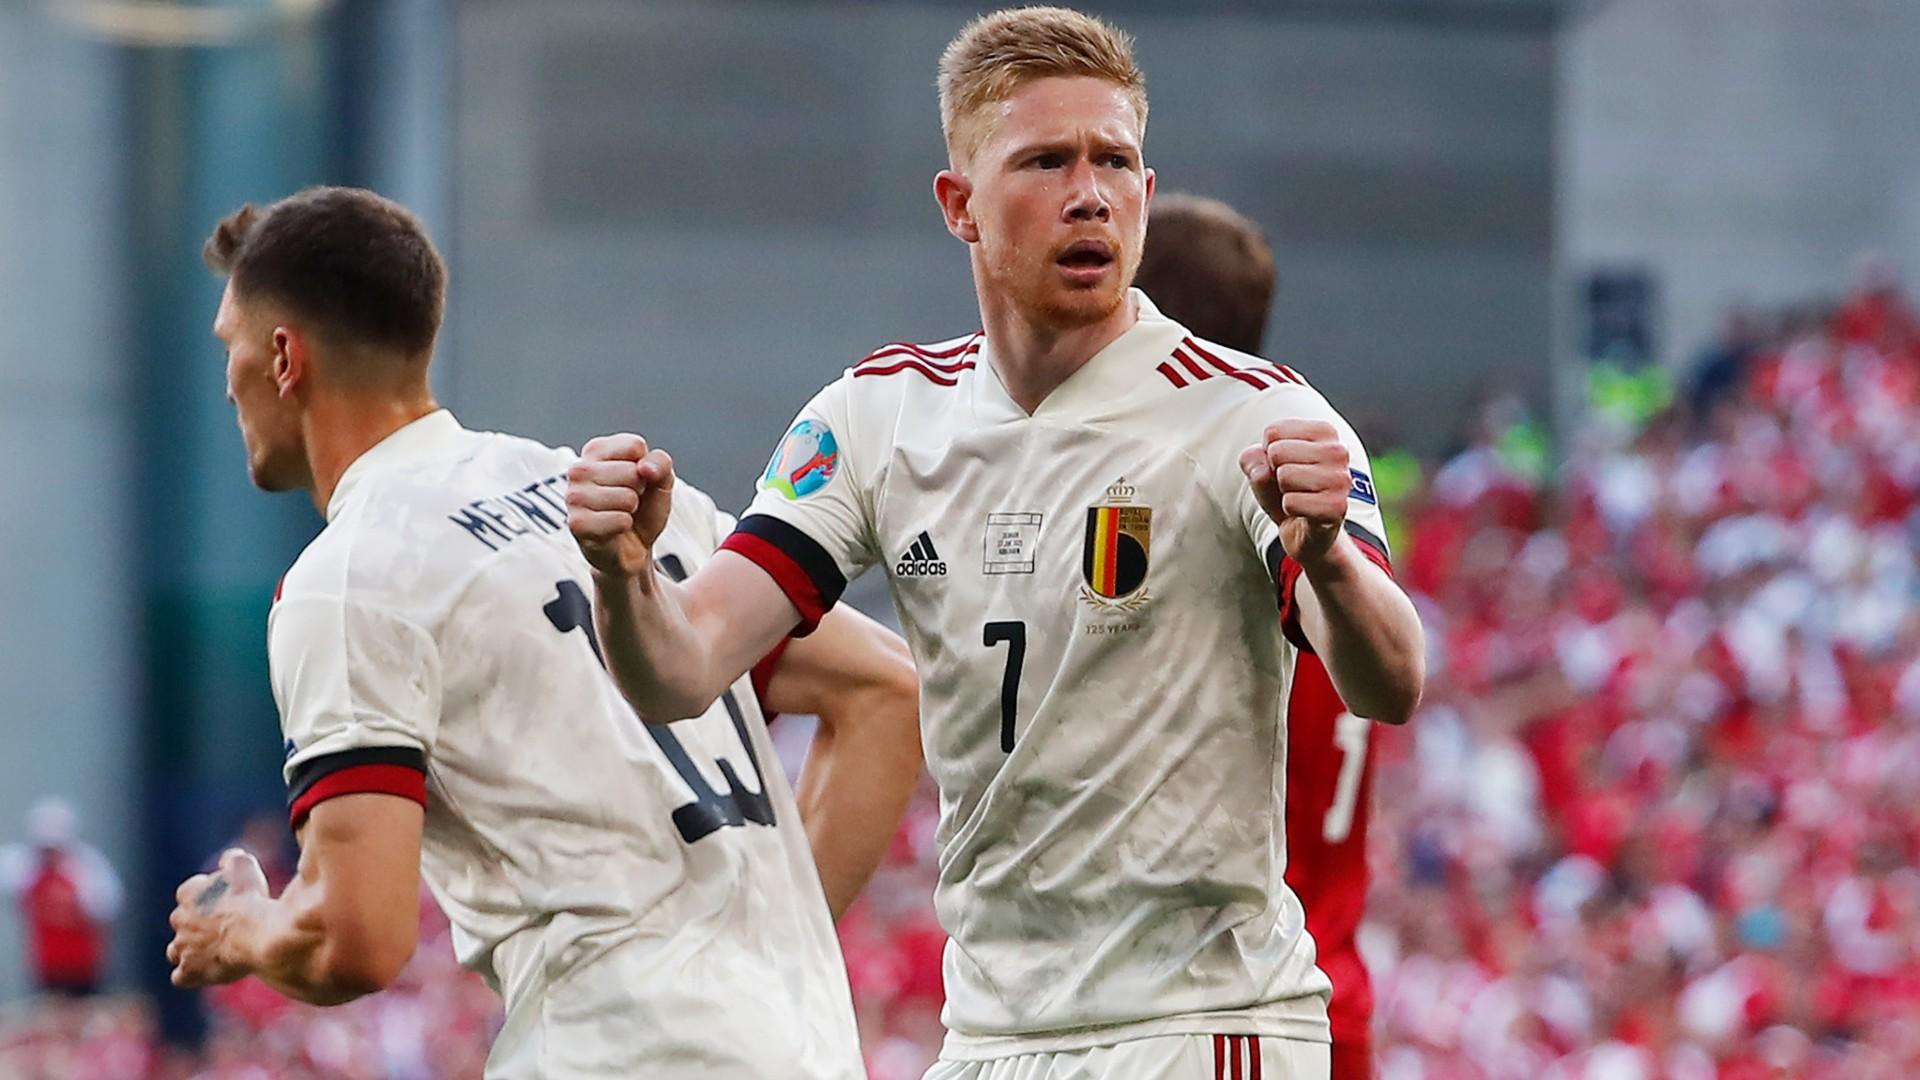 FIFA World Cup Qatar 2022: Inglaterra e Bélgica em grande, Suécia surpreende Espanha